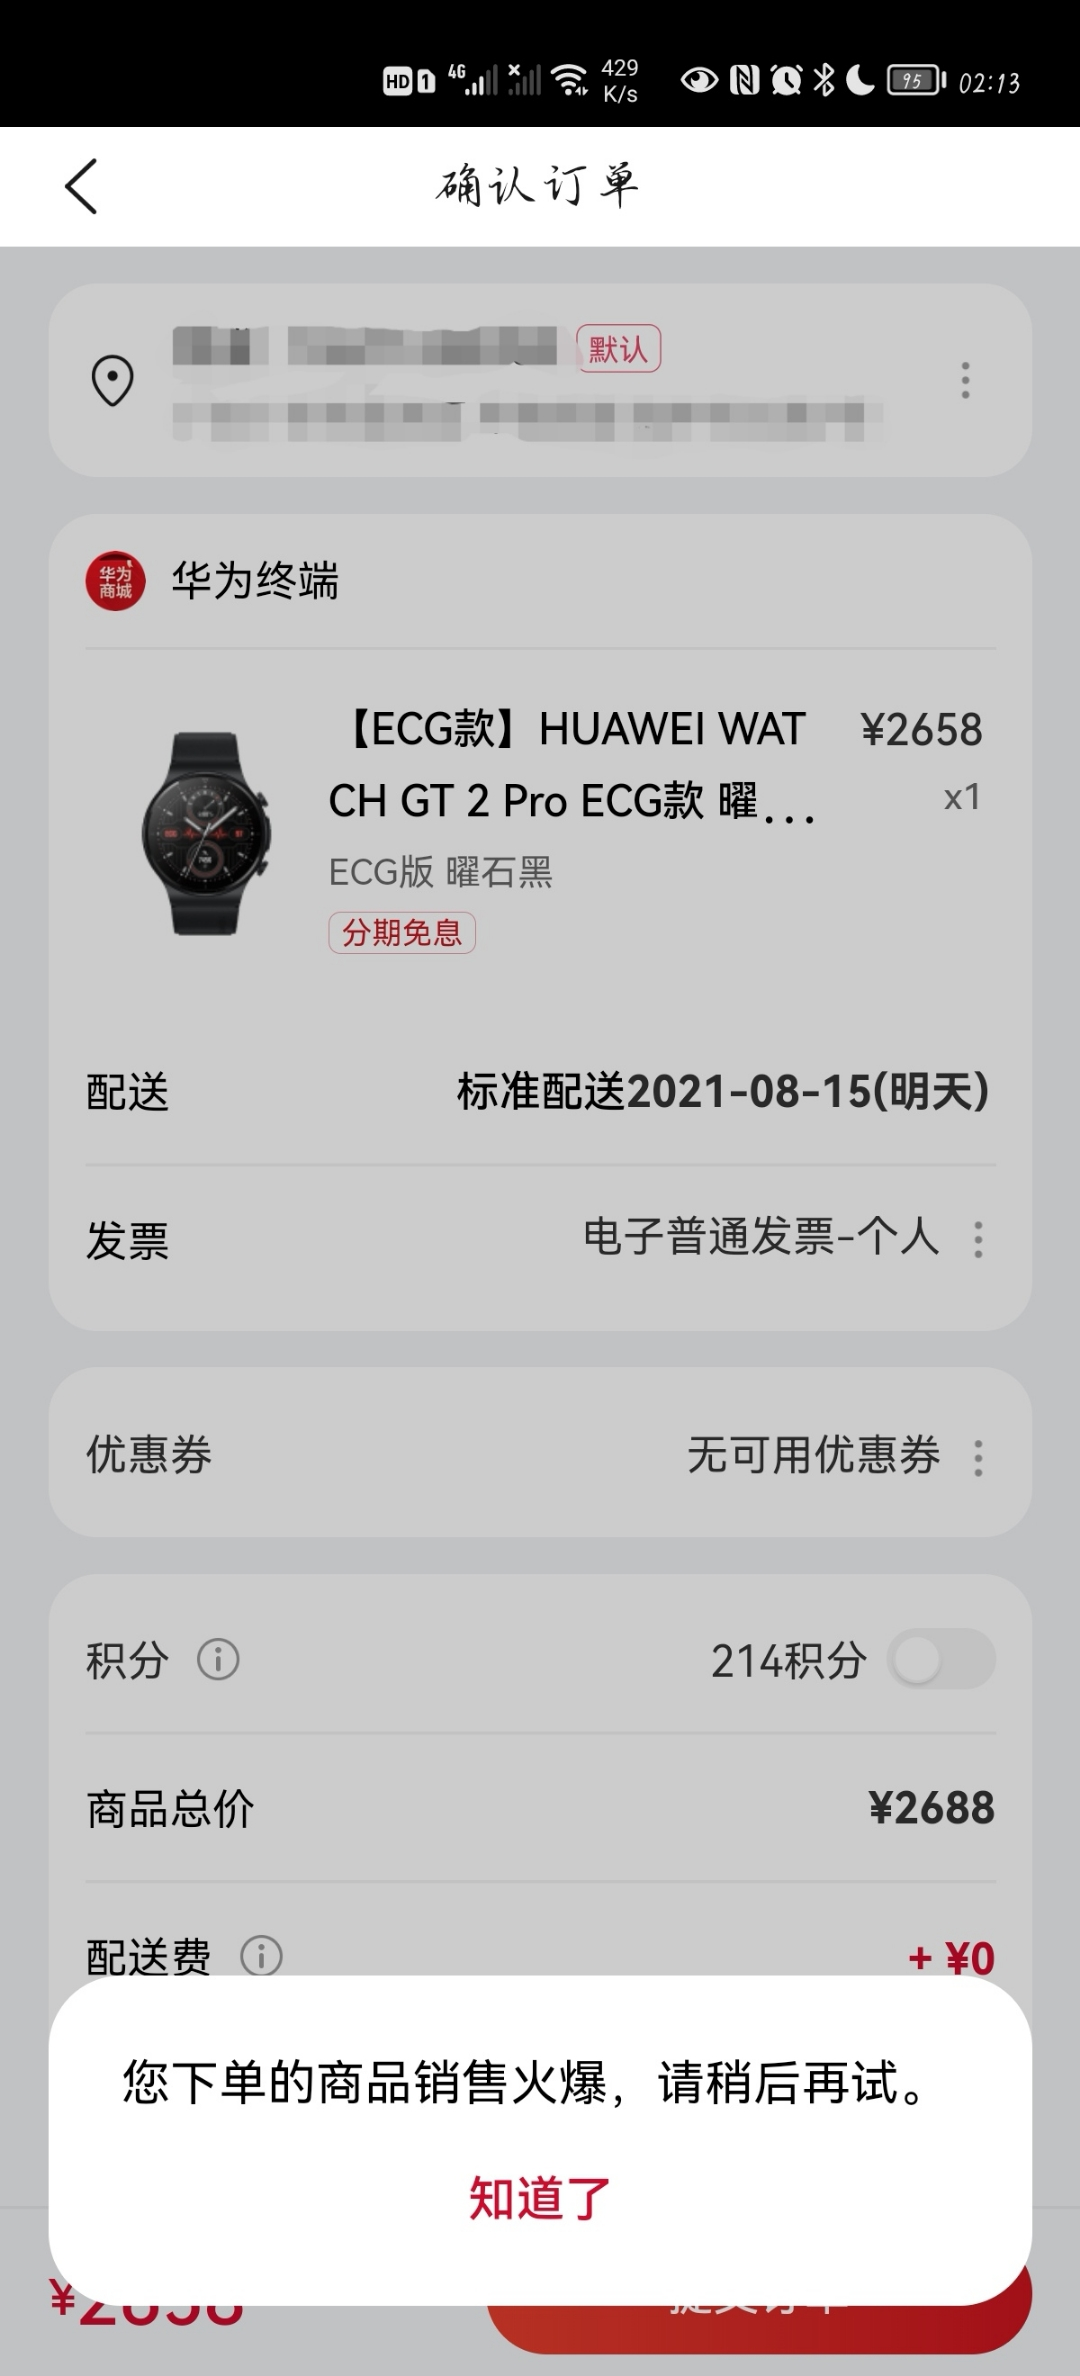 Screenshot_20210814_021350_com.vmall.client_edit_245706060615631.jpg